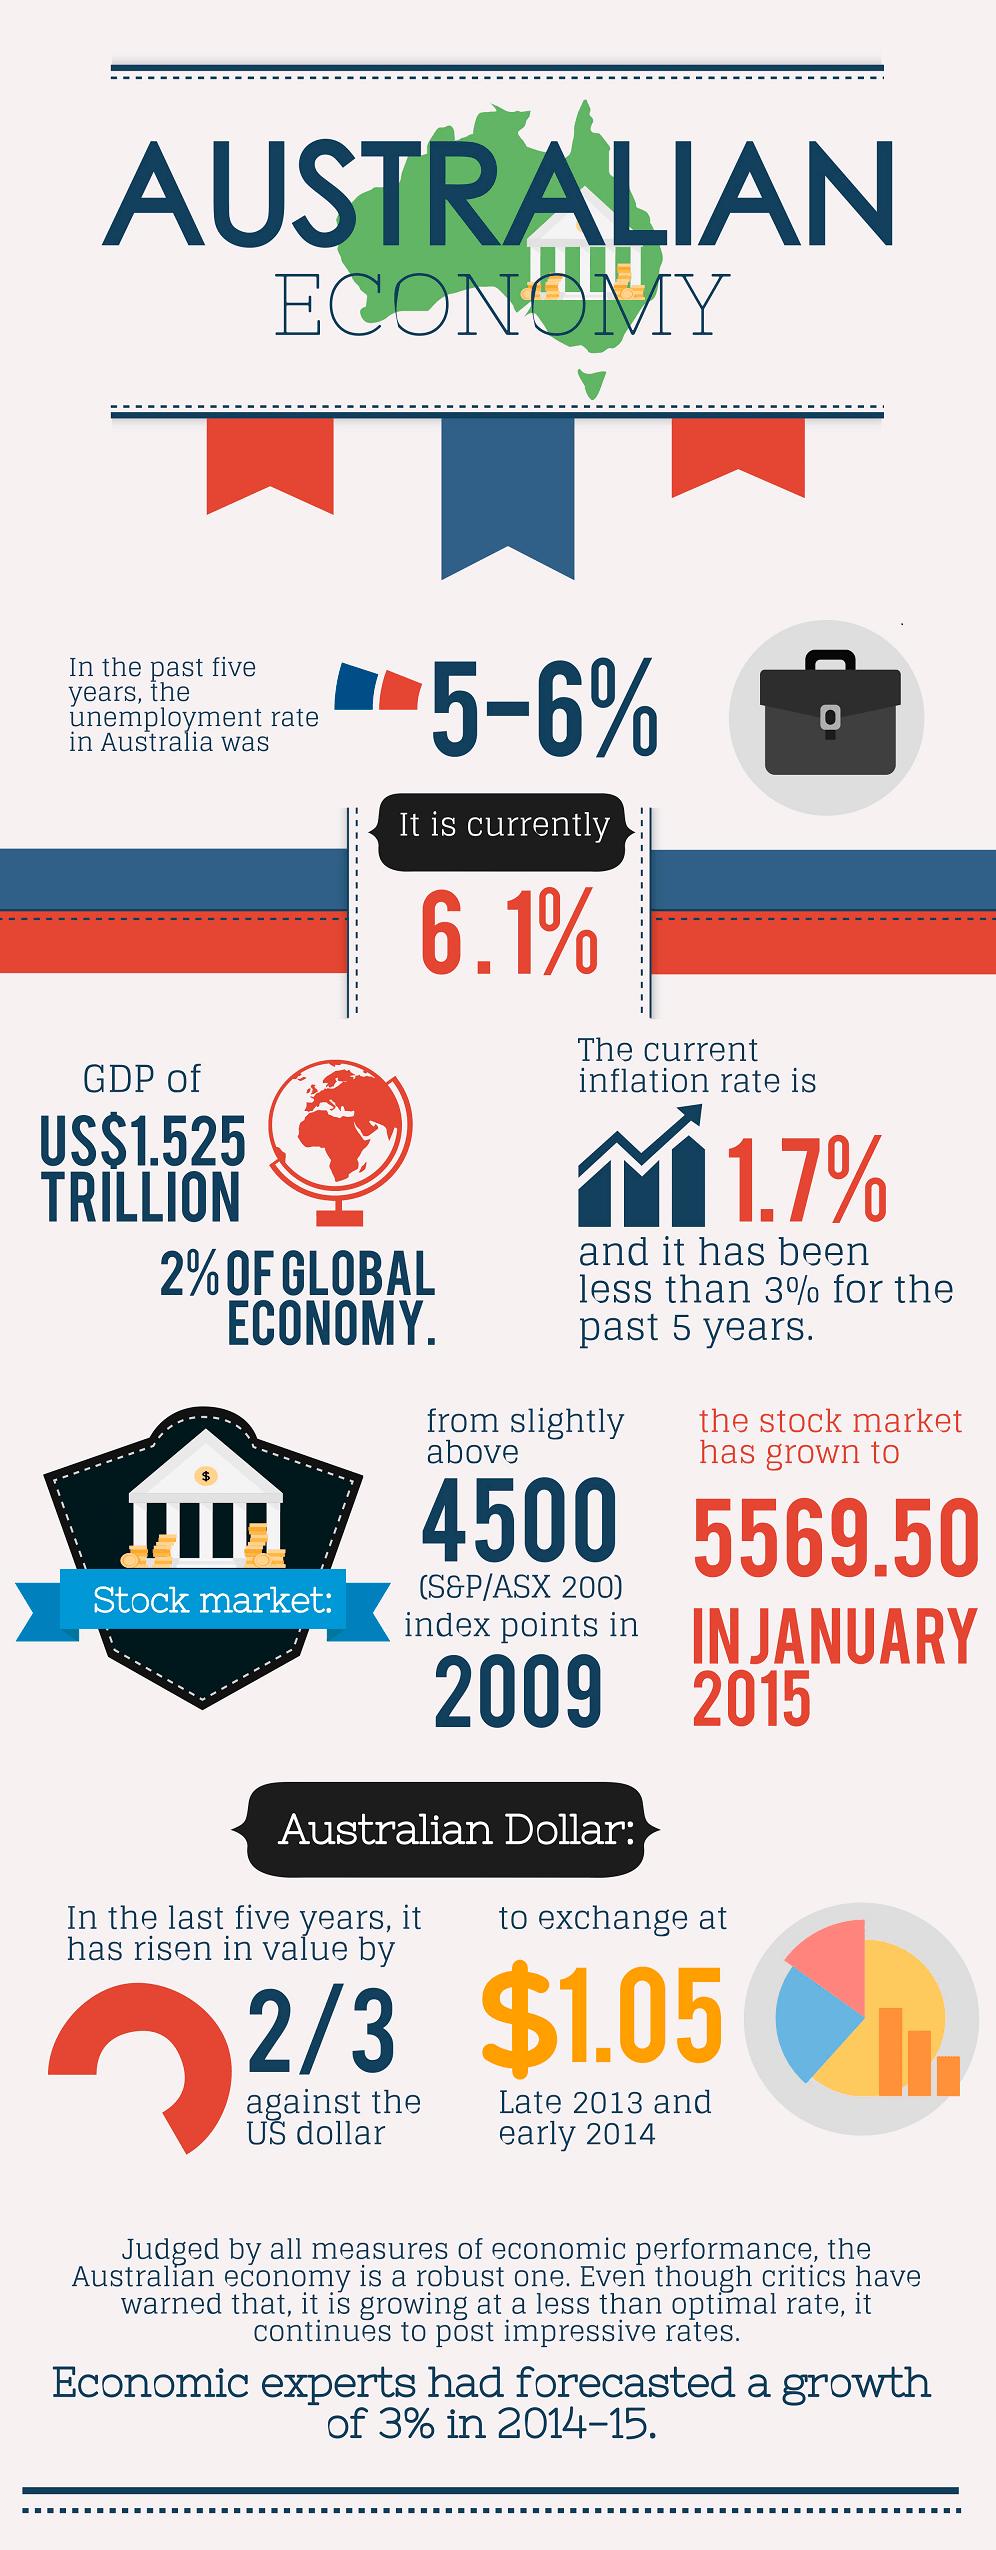 Australian Economy Infographic